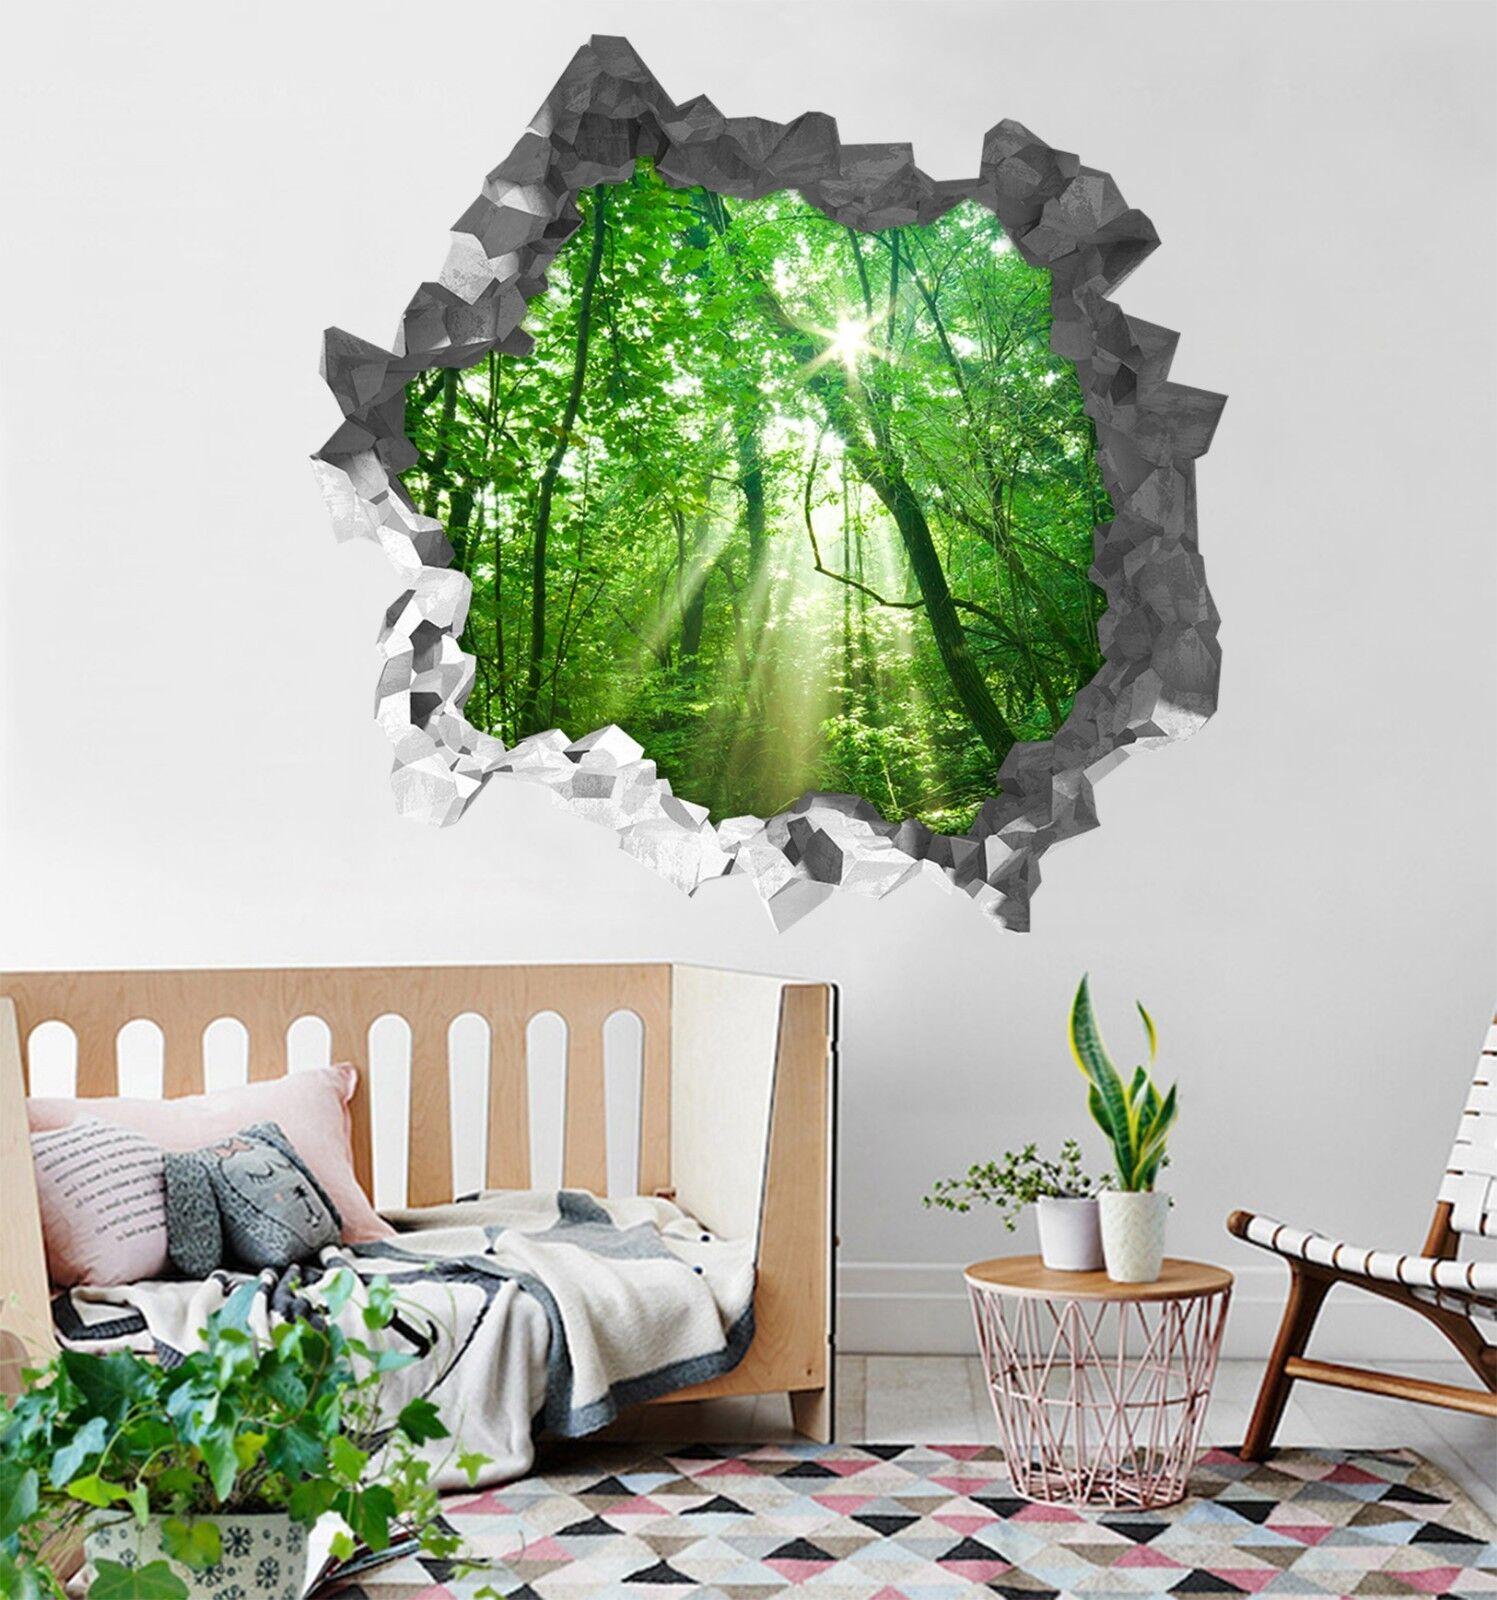 3D Grüner Wald 339 Mauer Murals Mauer Aufklebe Decal Durchbruch AJ WALLPAPER DE